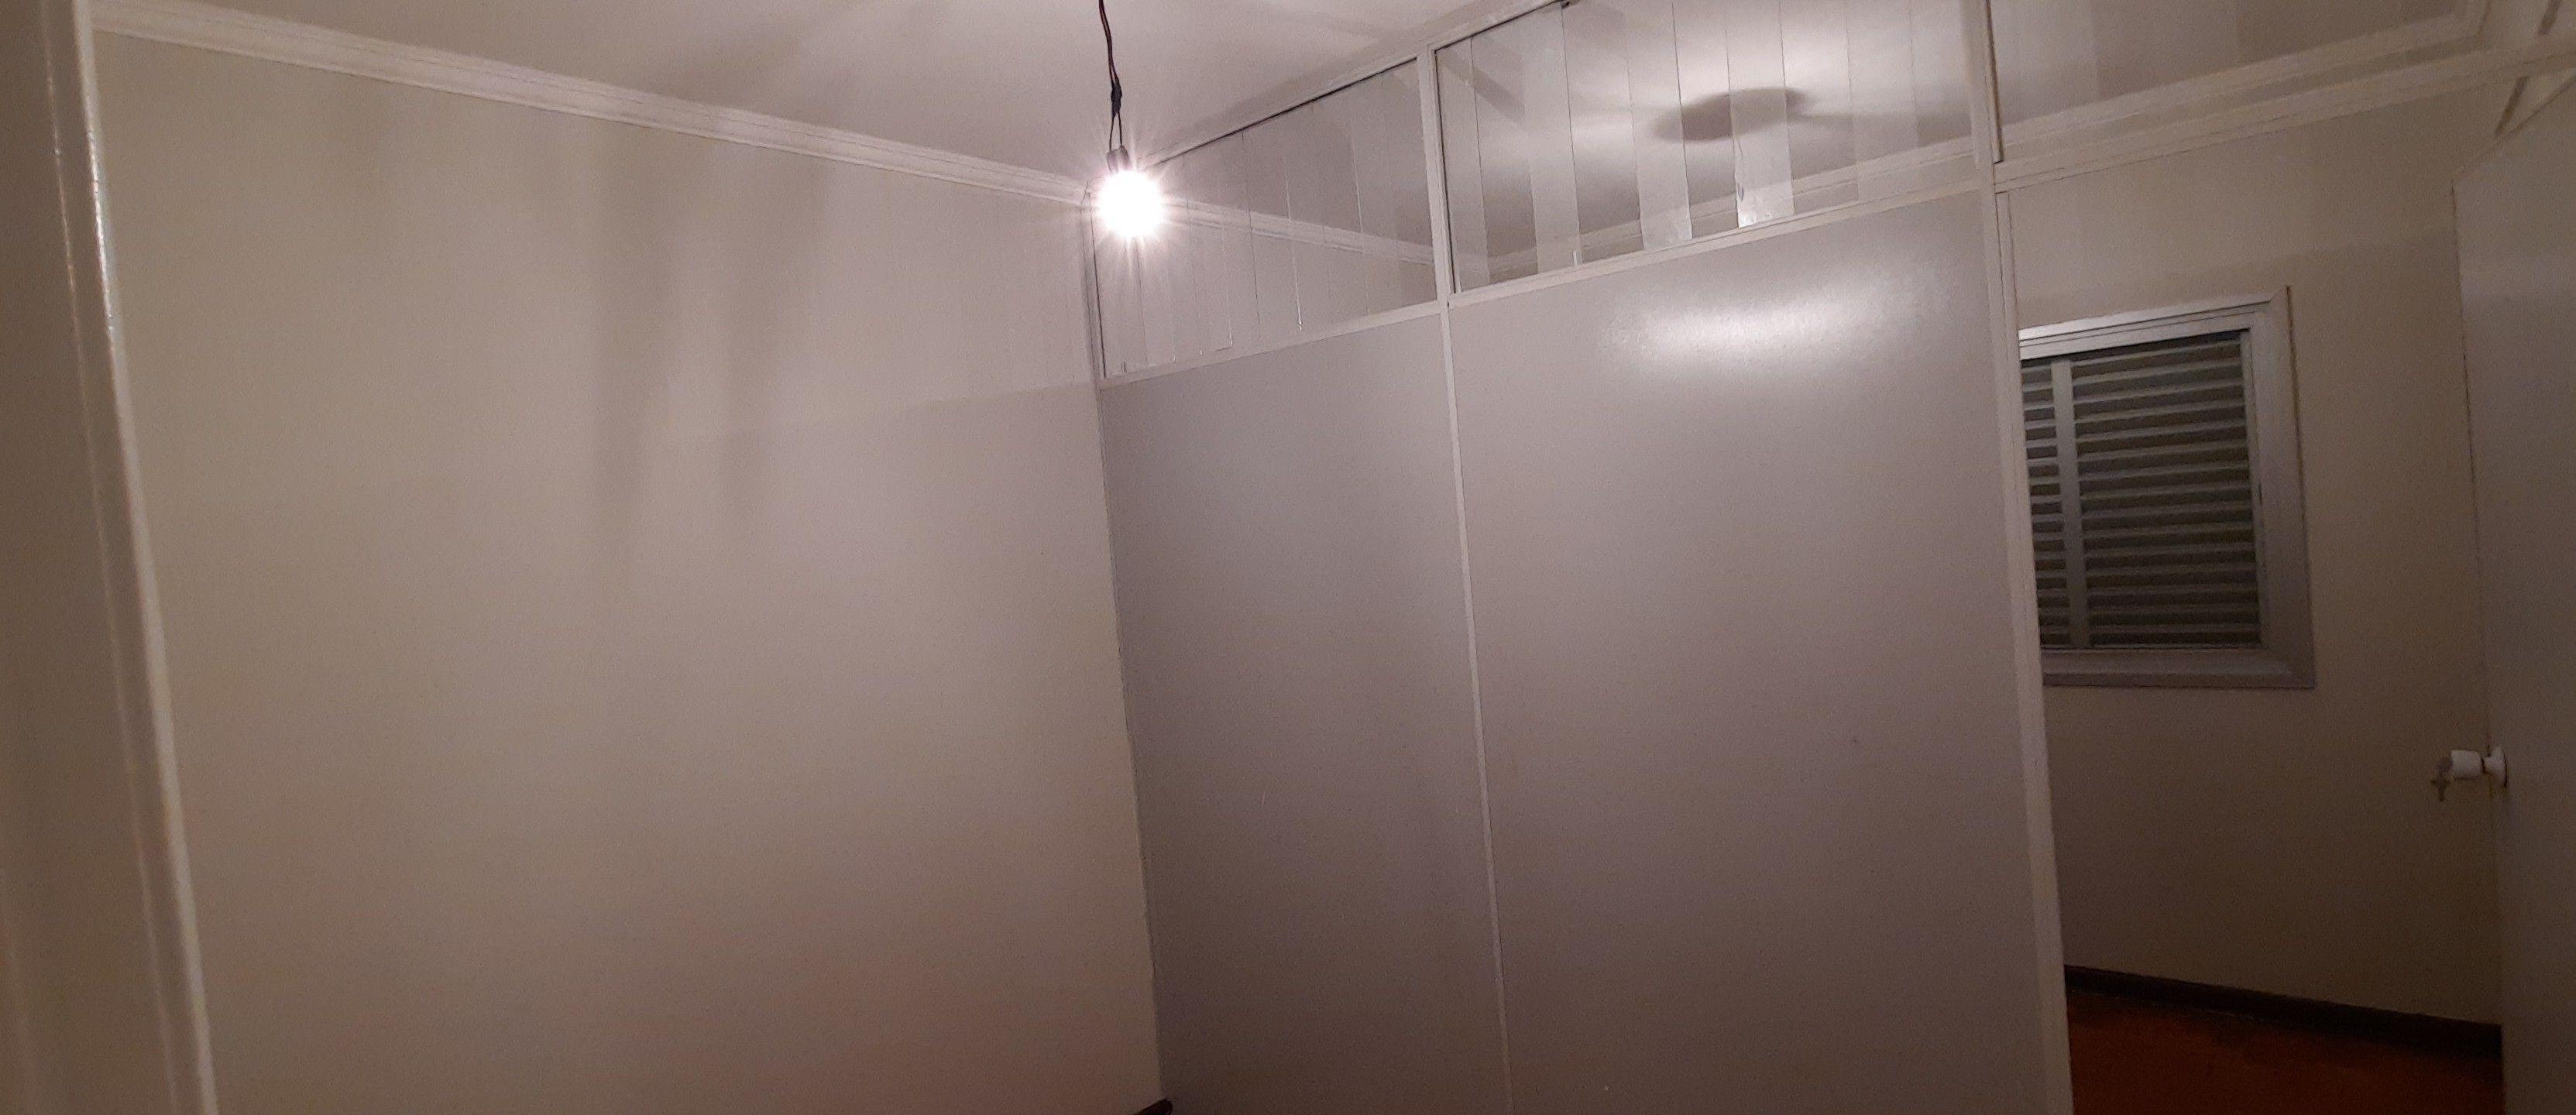 pintura em.divisoria mesmo tom.de.parede.